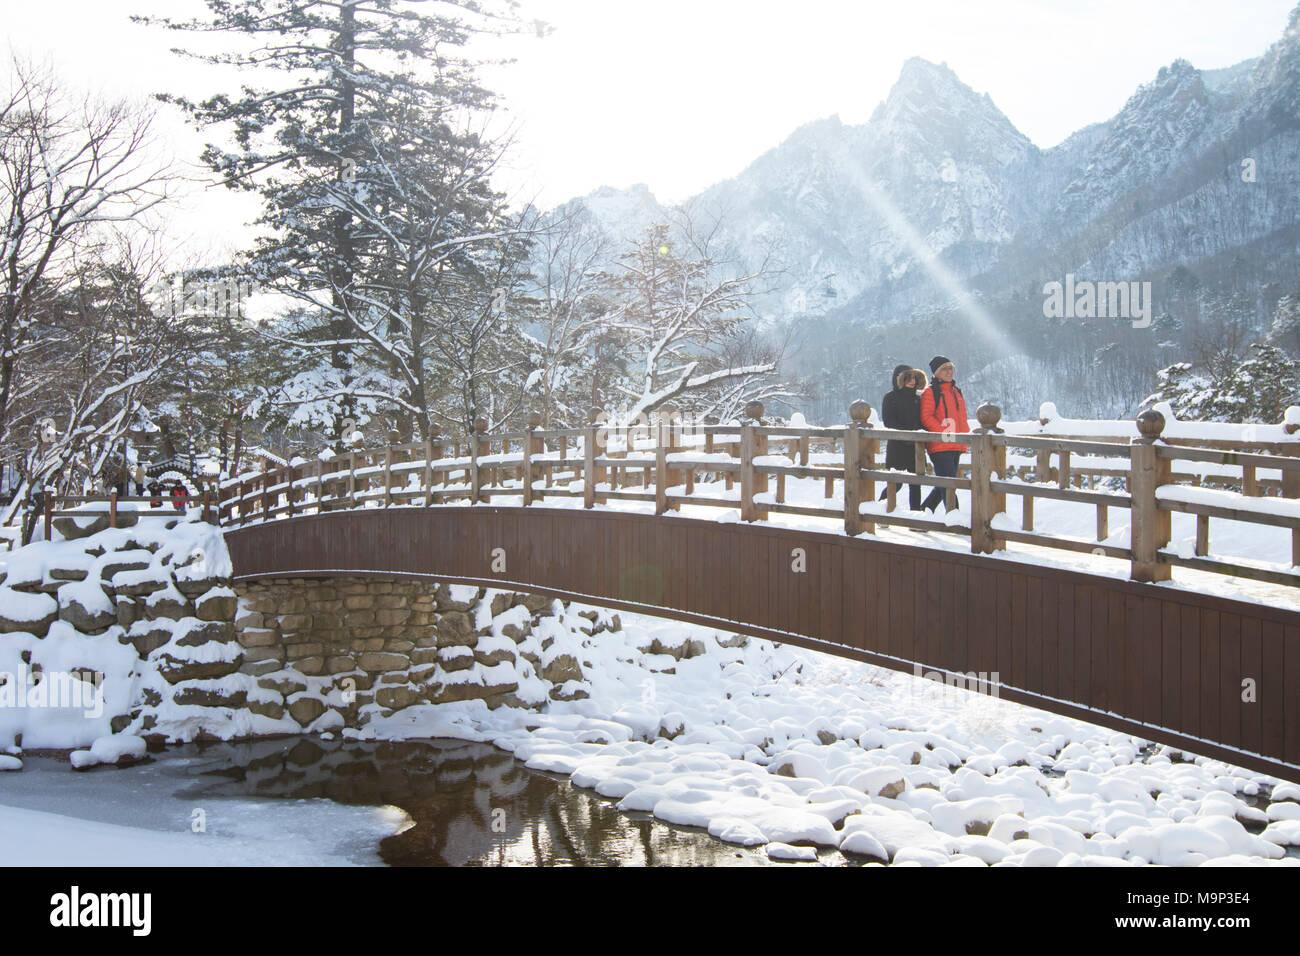 Mann und Frau sind zu Fuß über eine hölzerne Brücke in Seoraksan Nationalpark, Gangwon-do, Südkorea. Seoraksan ist ein schönes und iconic National Park in den Bergen in der Nähe von Sokcho in der Region Gangwon-do in Südkorea. Der Name bezieht sich auf verschneite Felsen bergen. Satz gegen die Landschaft sind zwei Buddhistische Tempel: Sinheung-sa und Beakdam-sa. Diese Region ist Gastgeber der Olympischen Winterspiele im Februar 2018. Stockbild